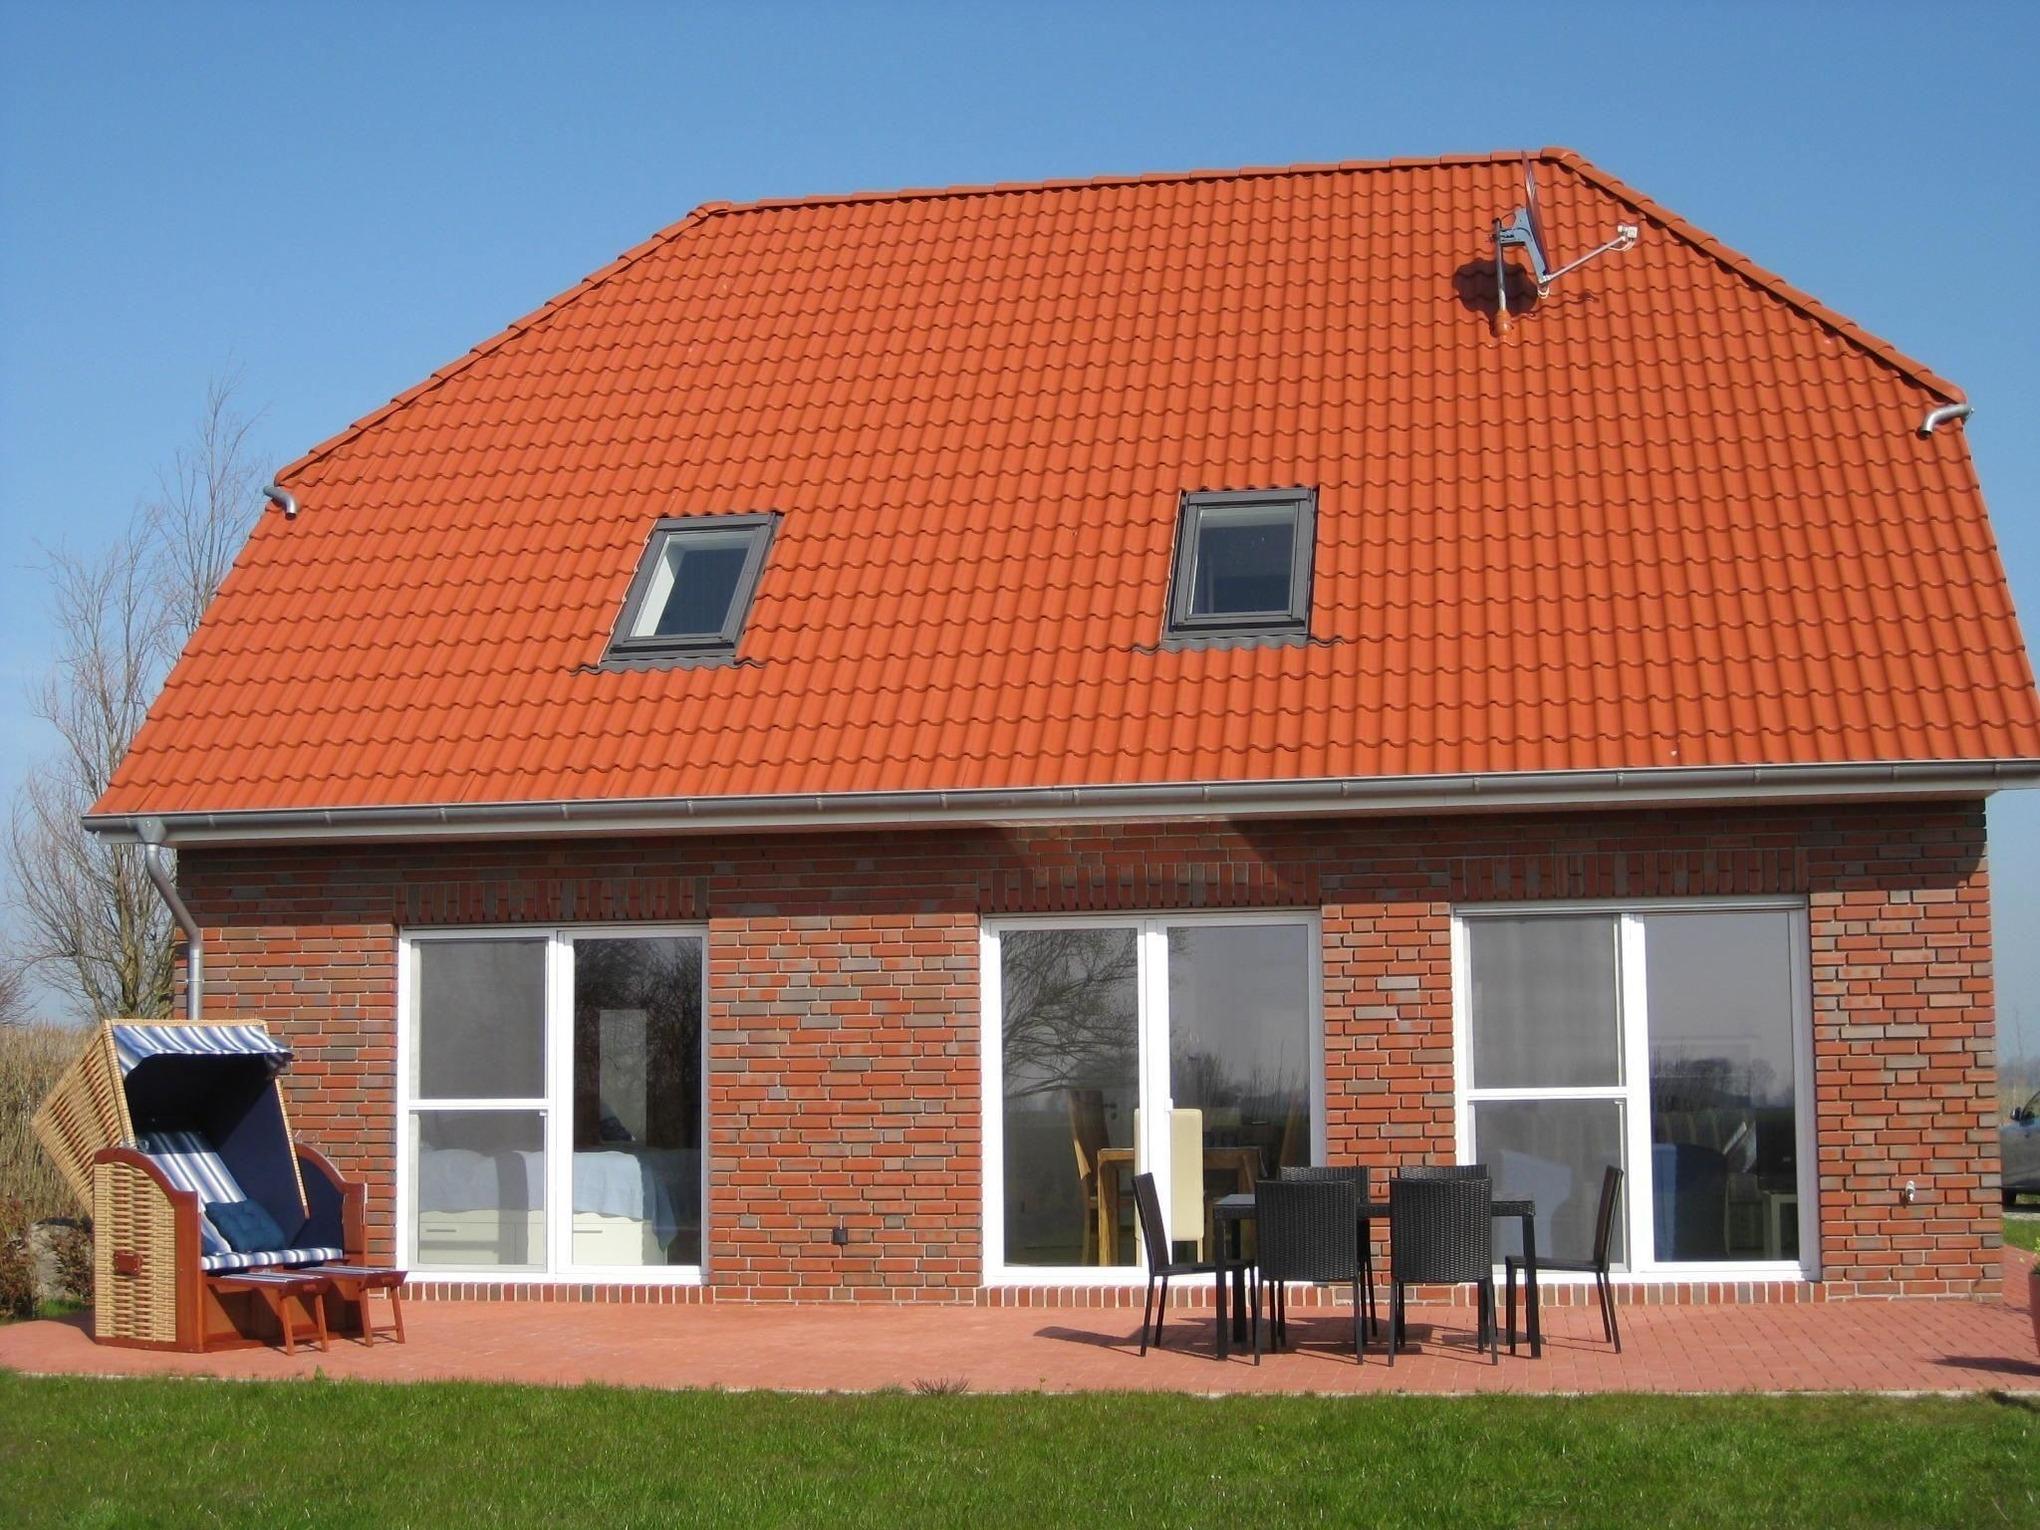 Ferienhaus in Altharlingersiel für 6 Personen mit Kleinkind 50020